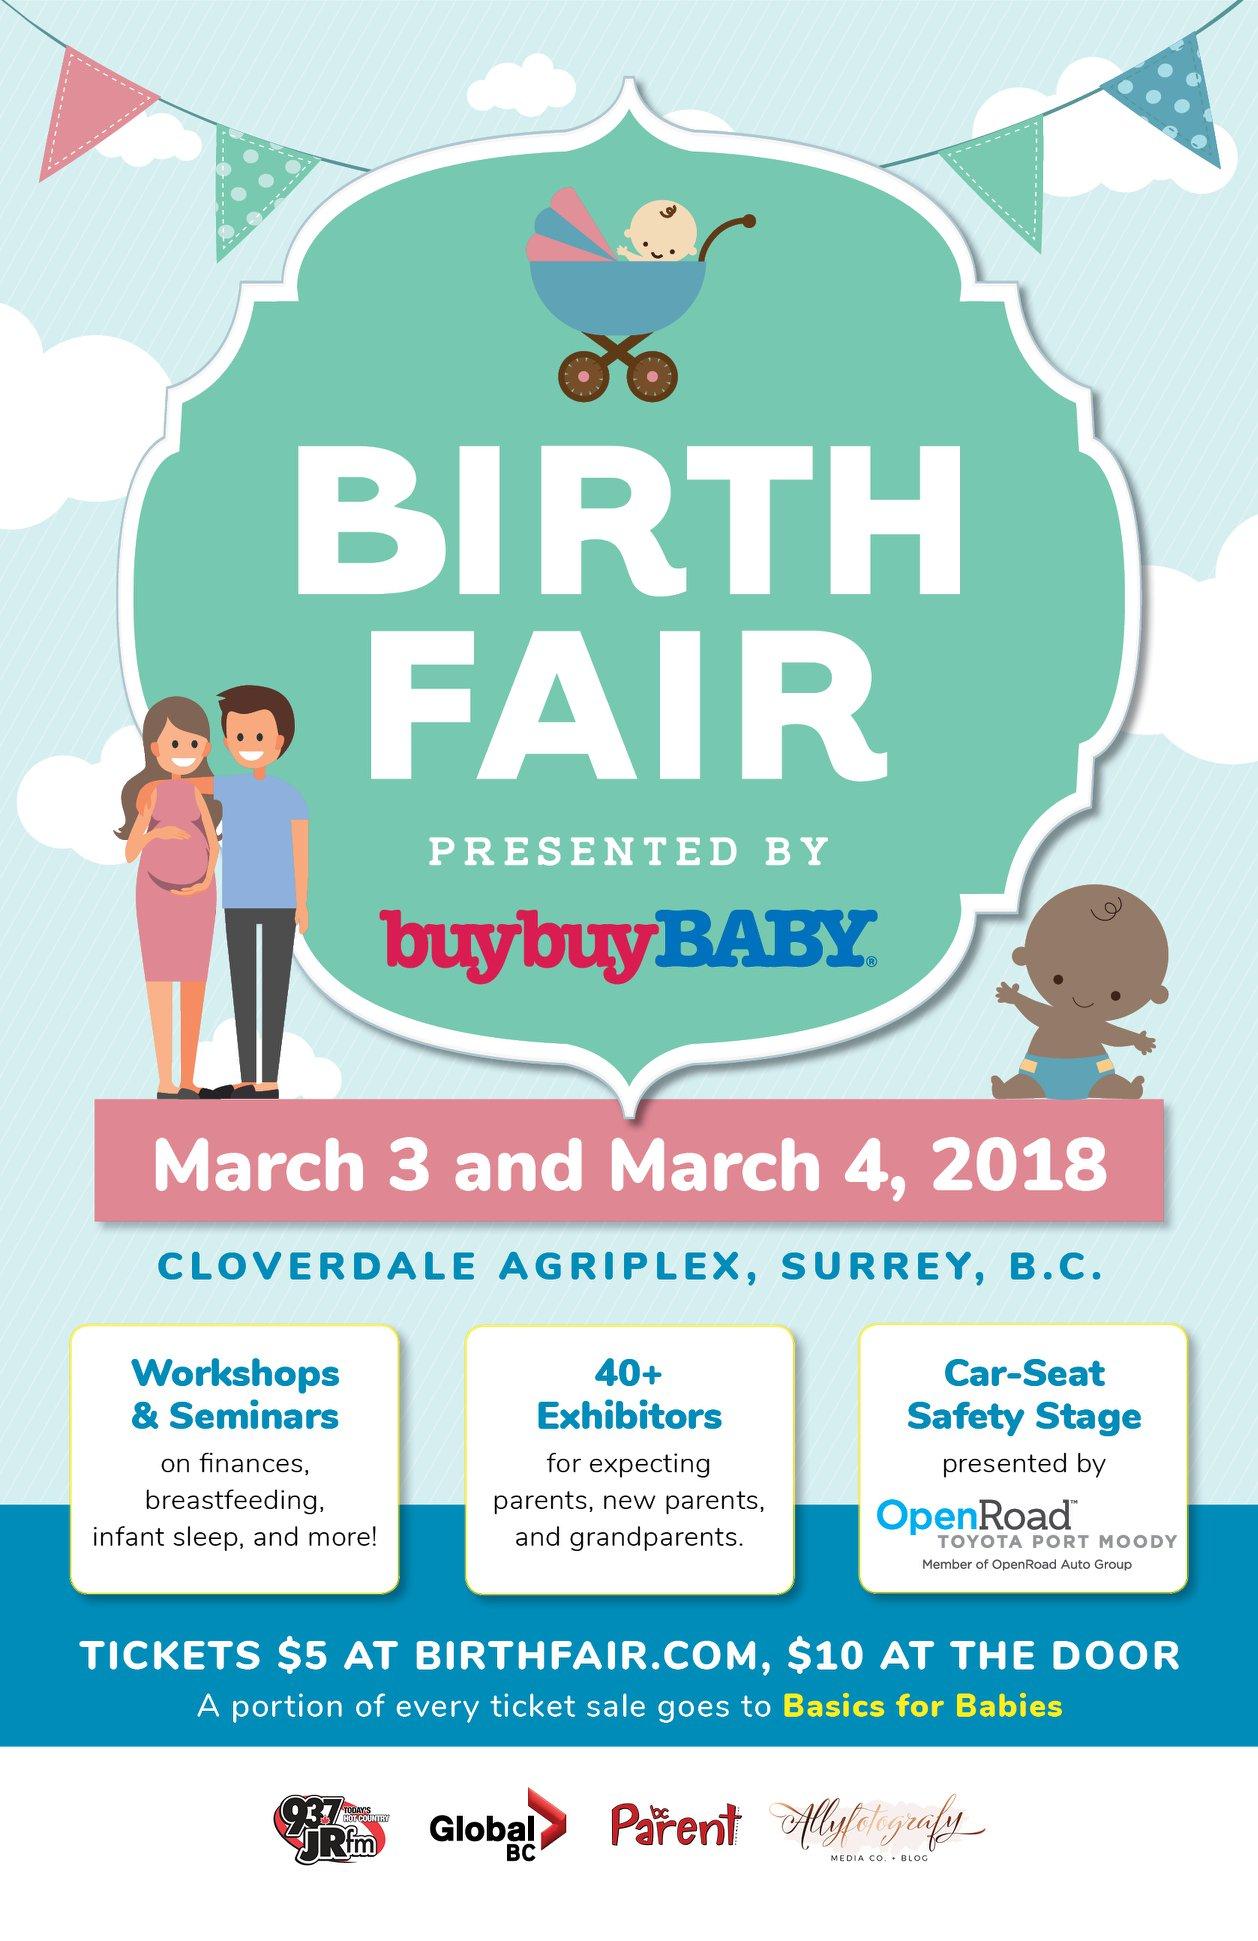 Birth Fair 2018